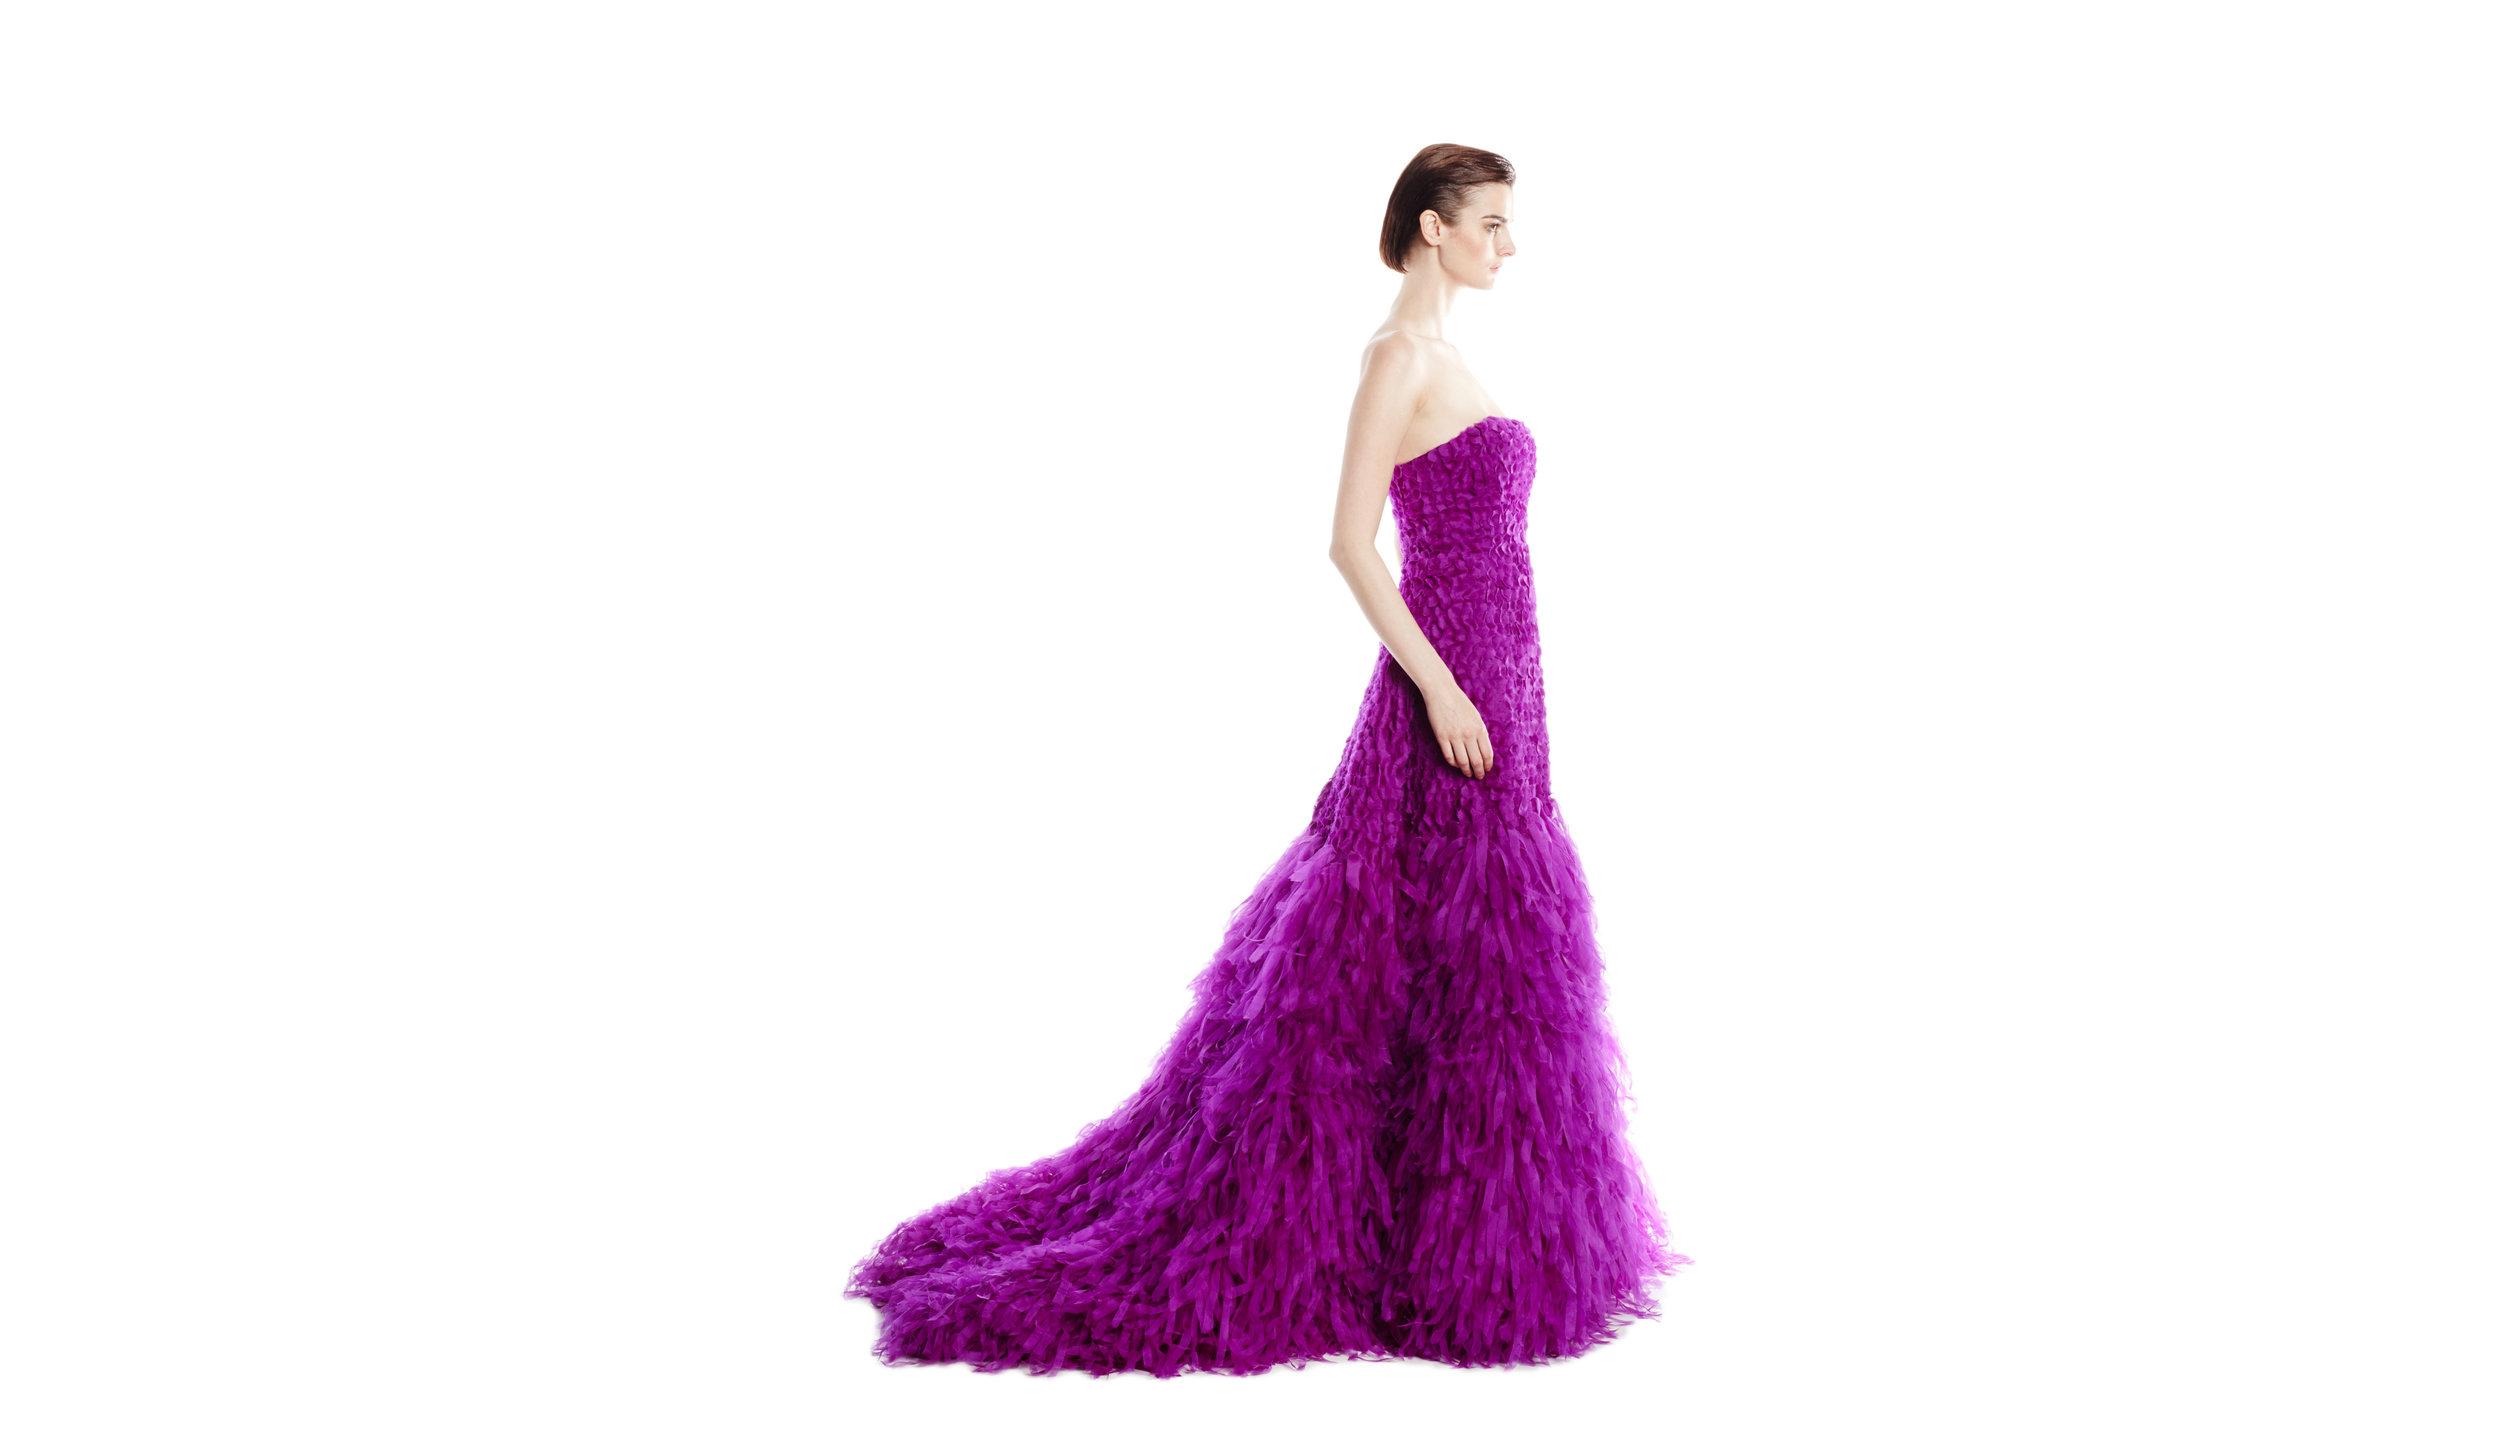 Magenta Strapless Gown Full Bleed copy.jpg